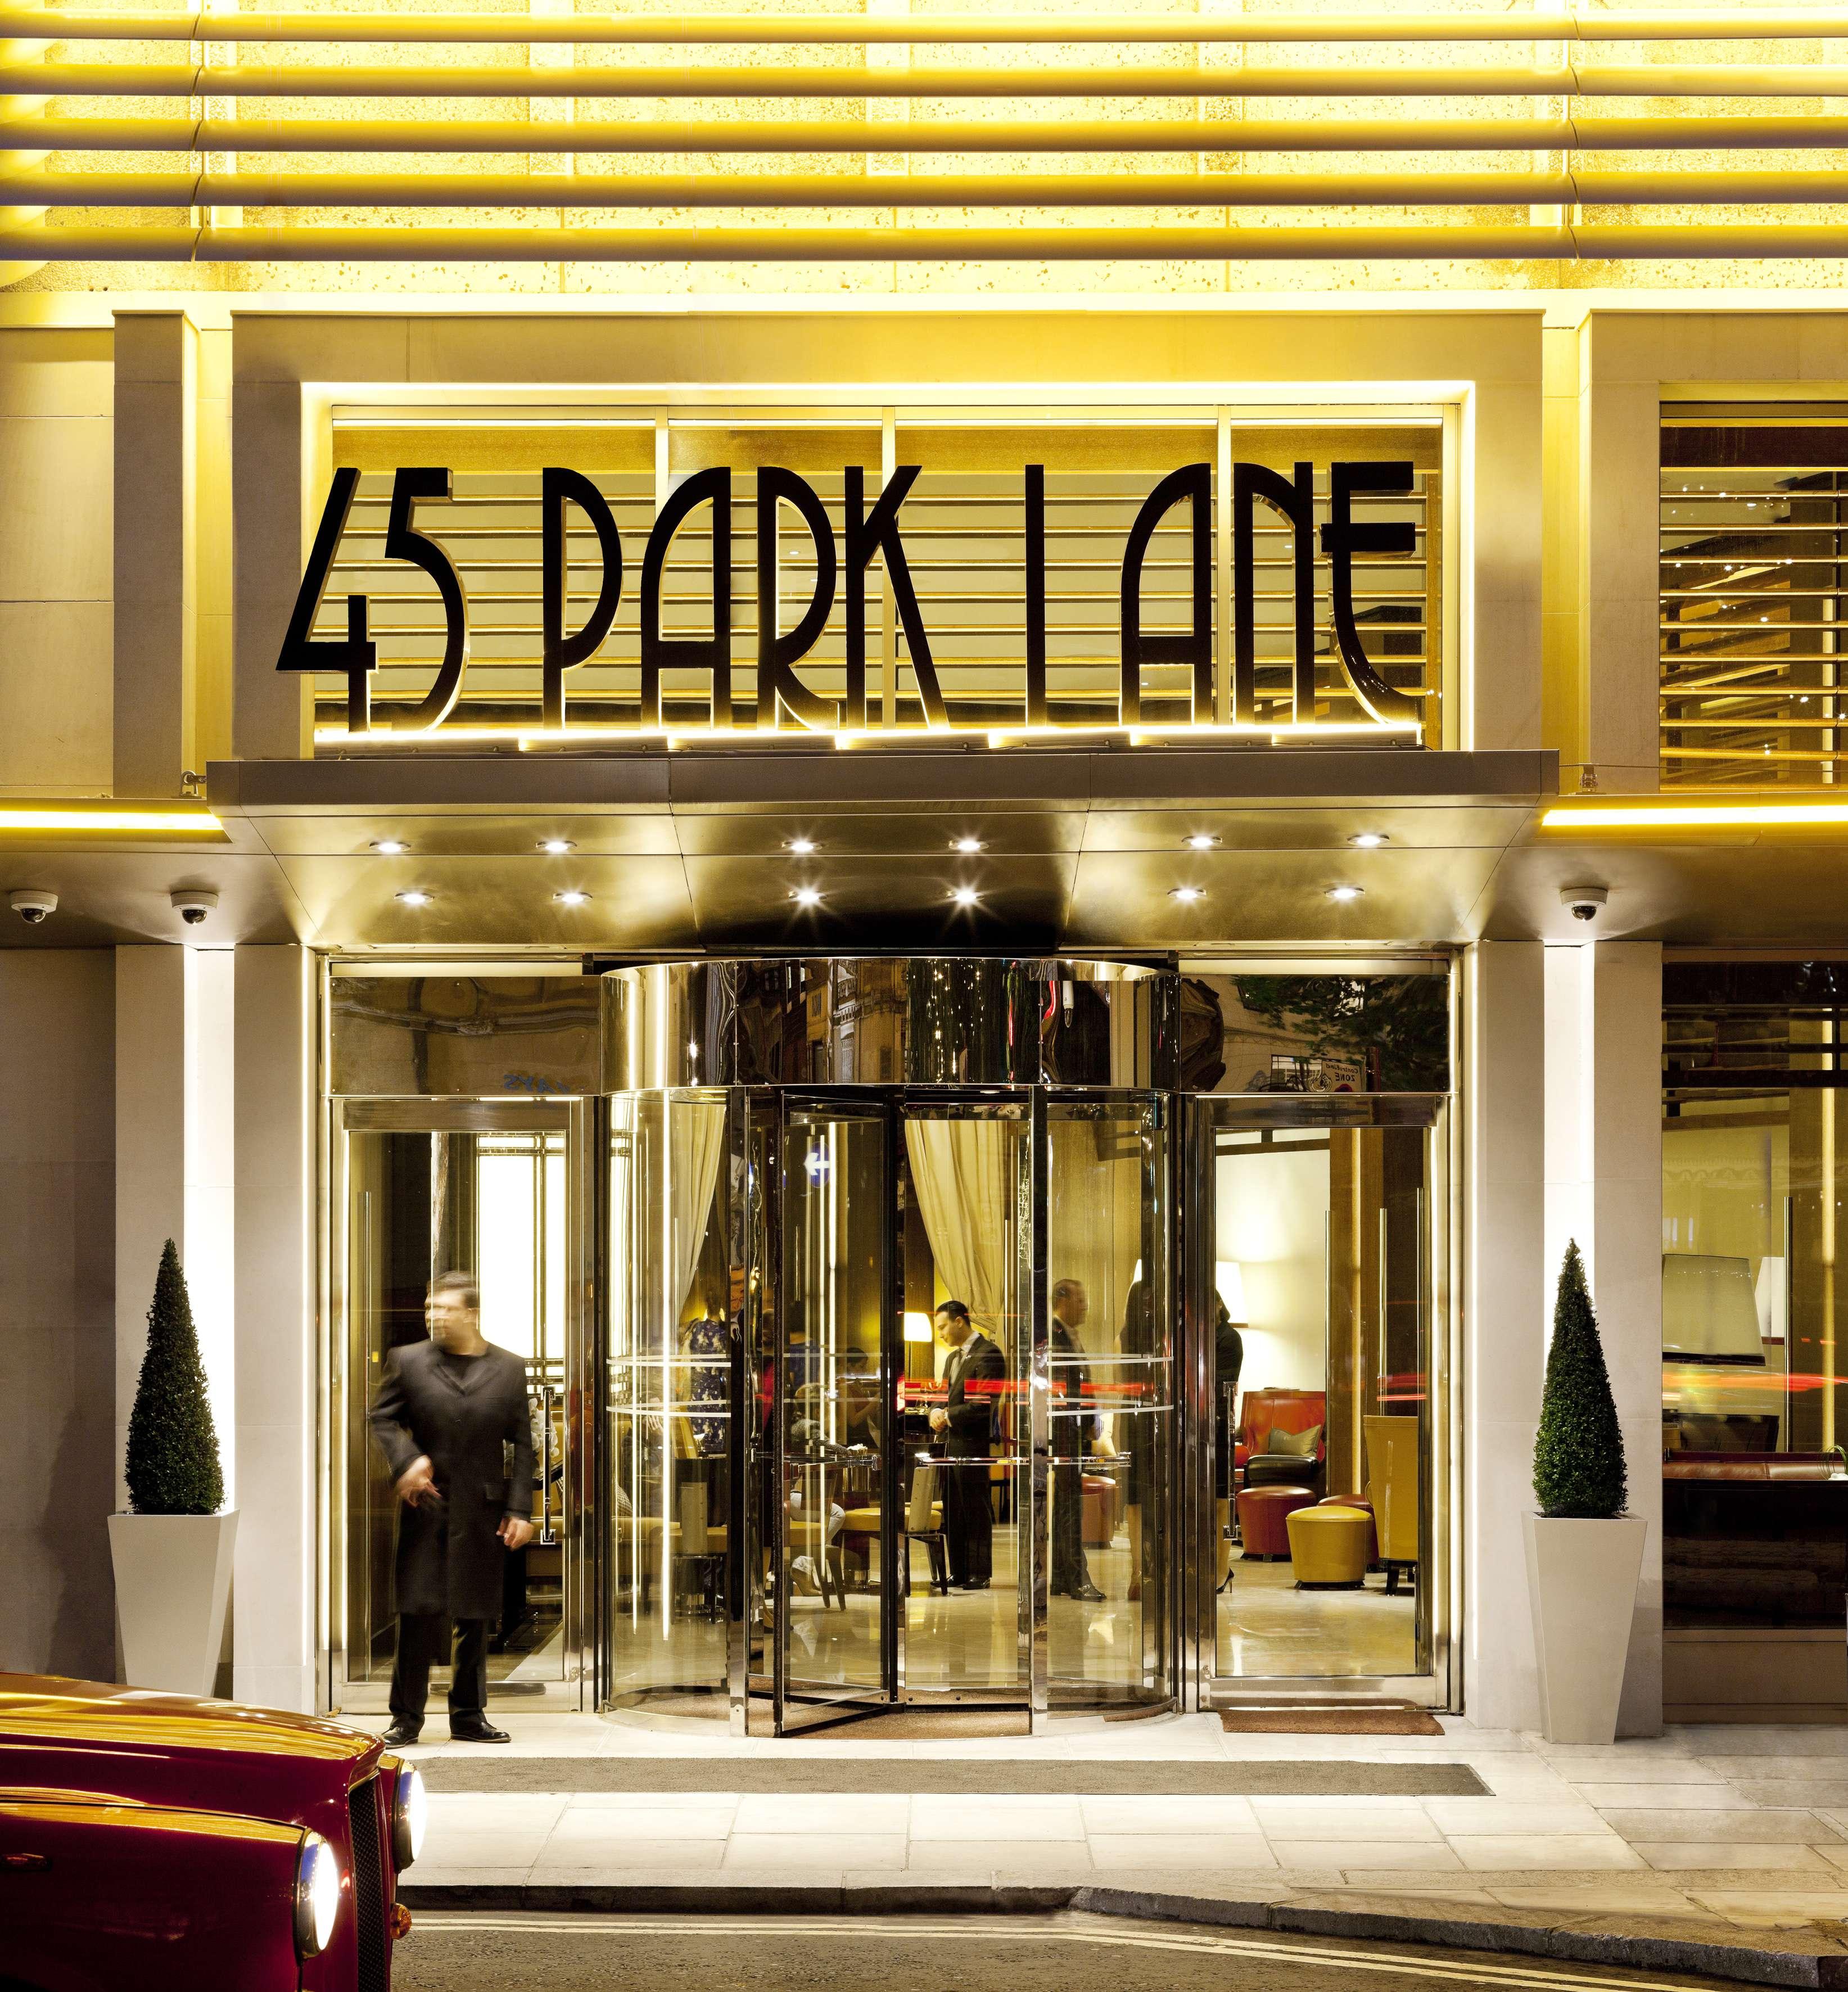 45 Park Lanerecebe Joe Webb em sua exposição de arte